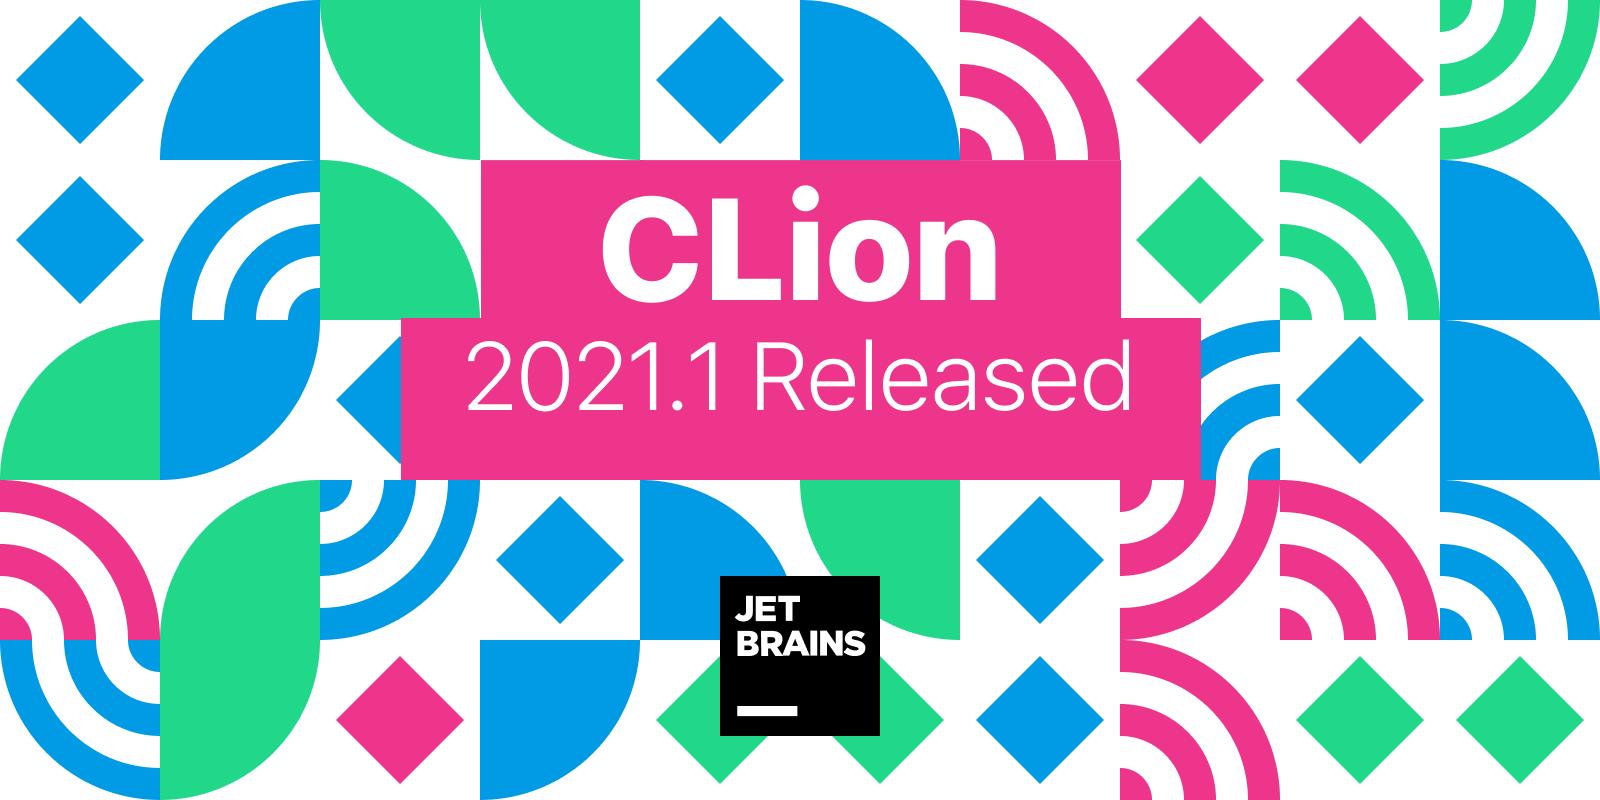 CLion 2021.1